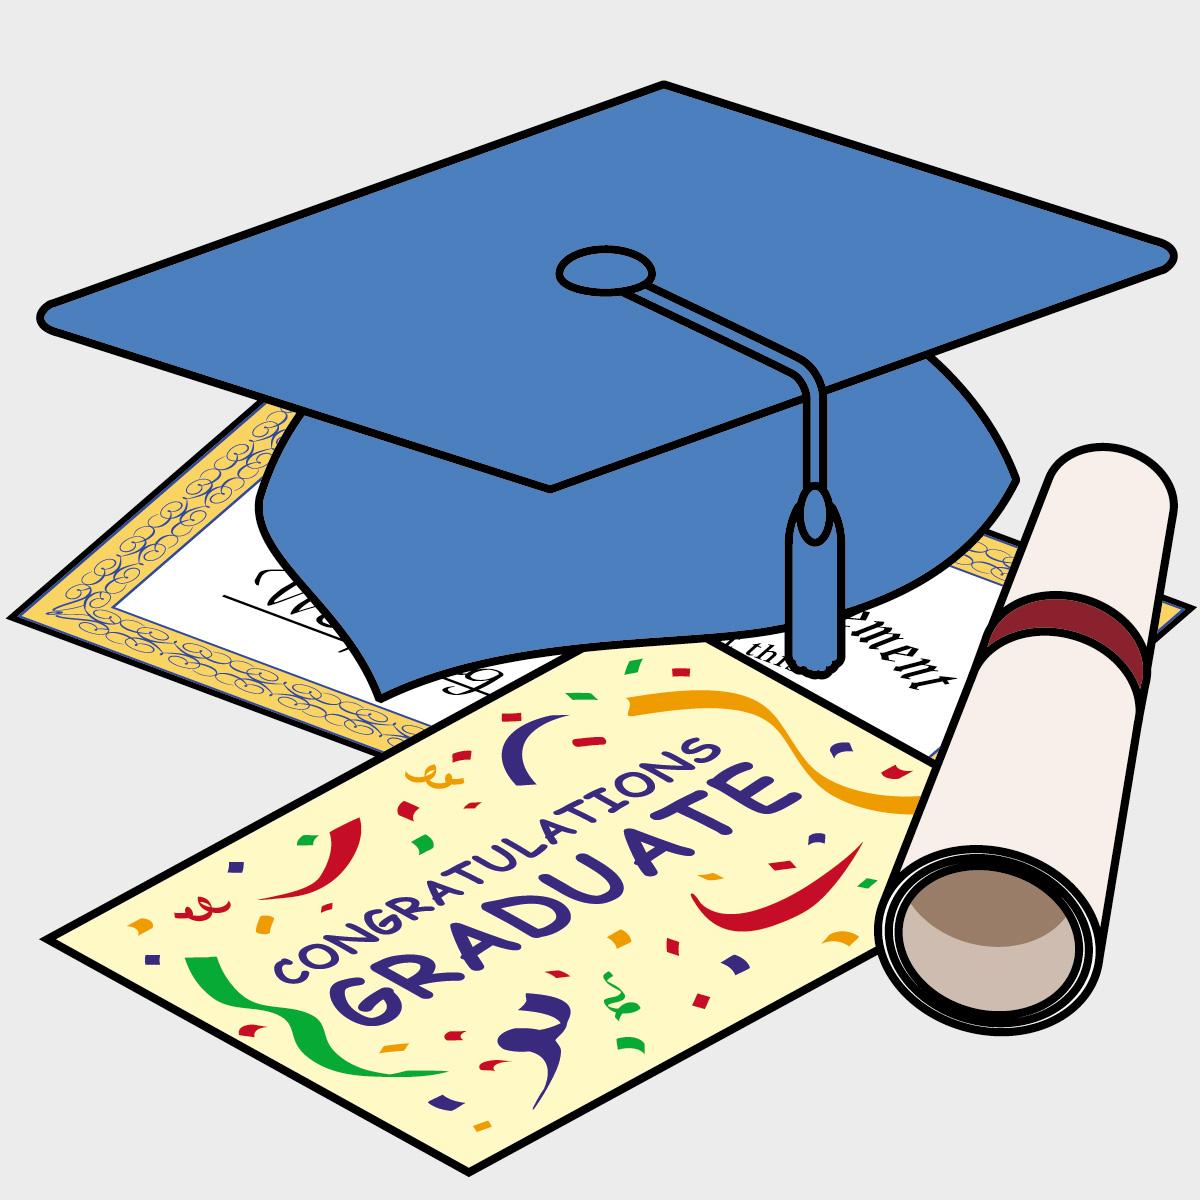 Preschool graduation clipart free download clip art